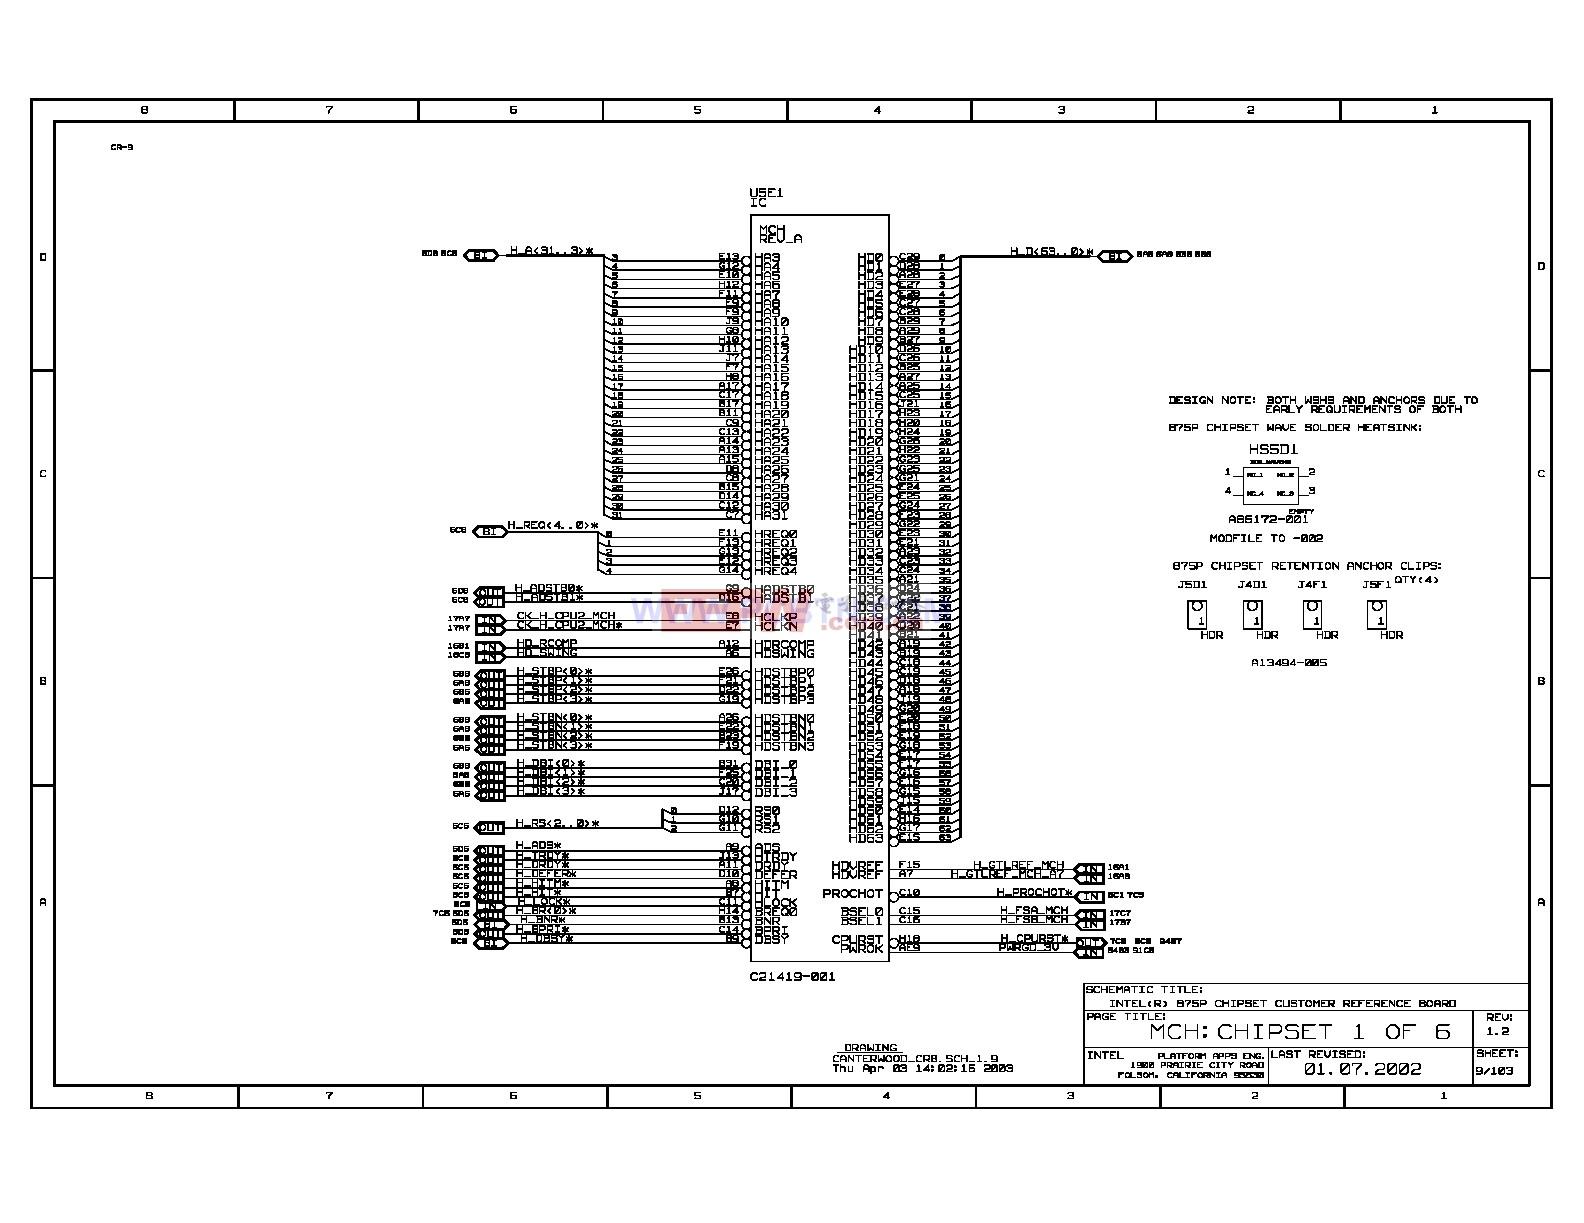 Intel 875p主板MCH控制芯片電路圖